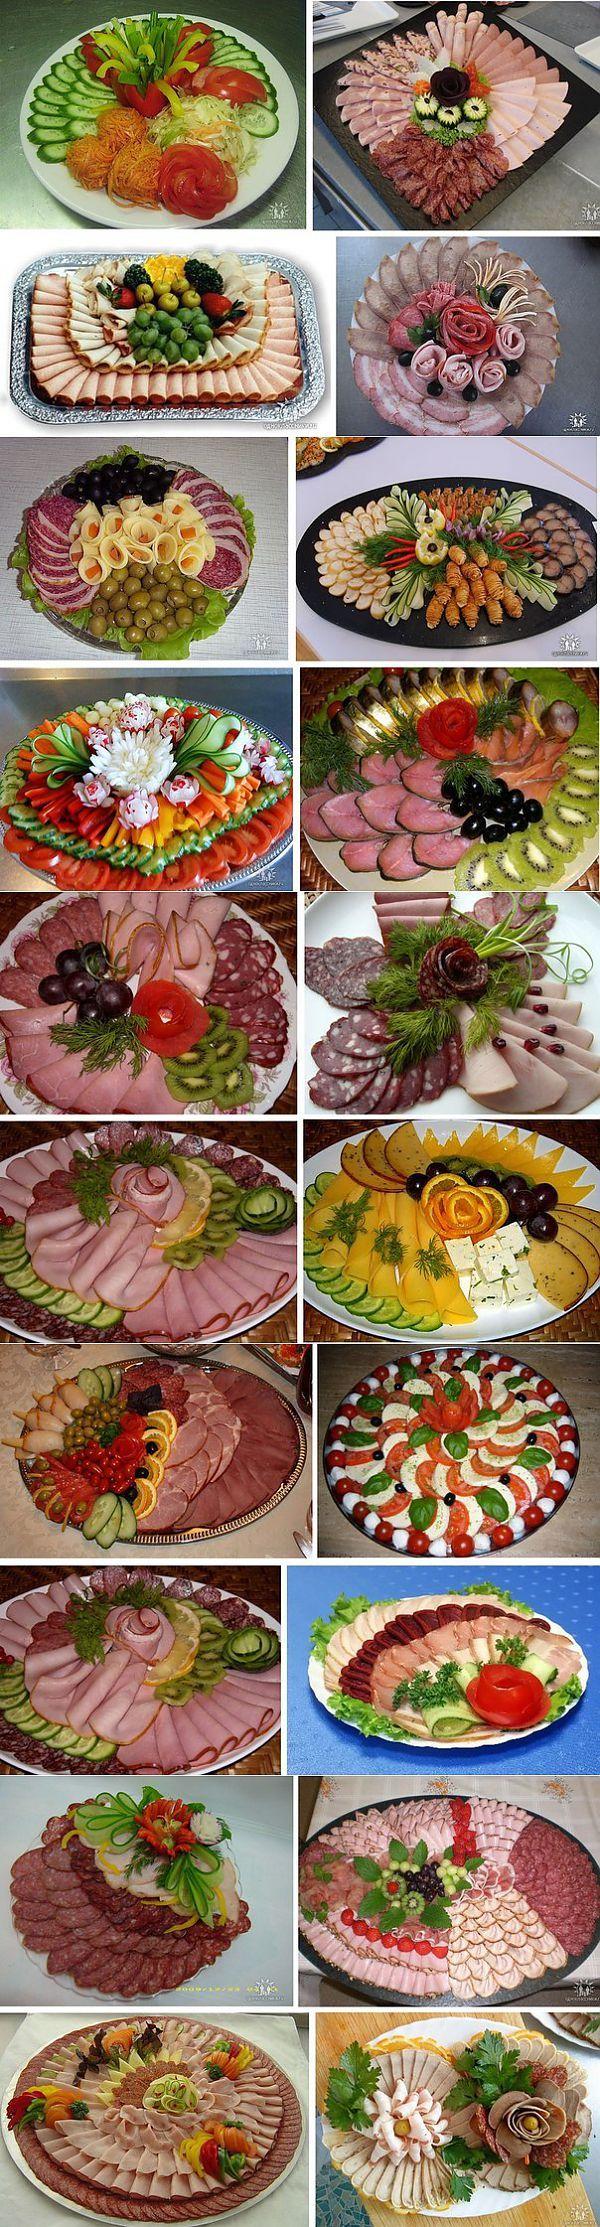 схема нарезания фруктов